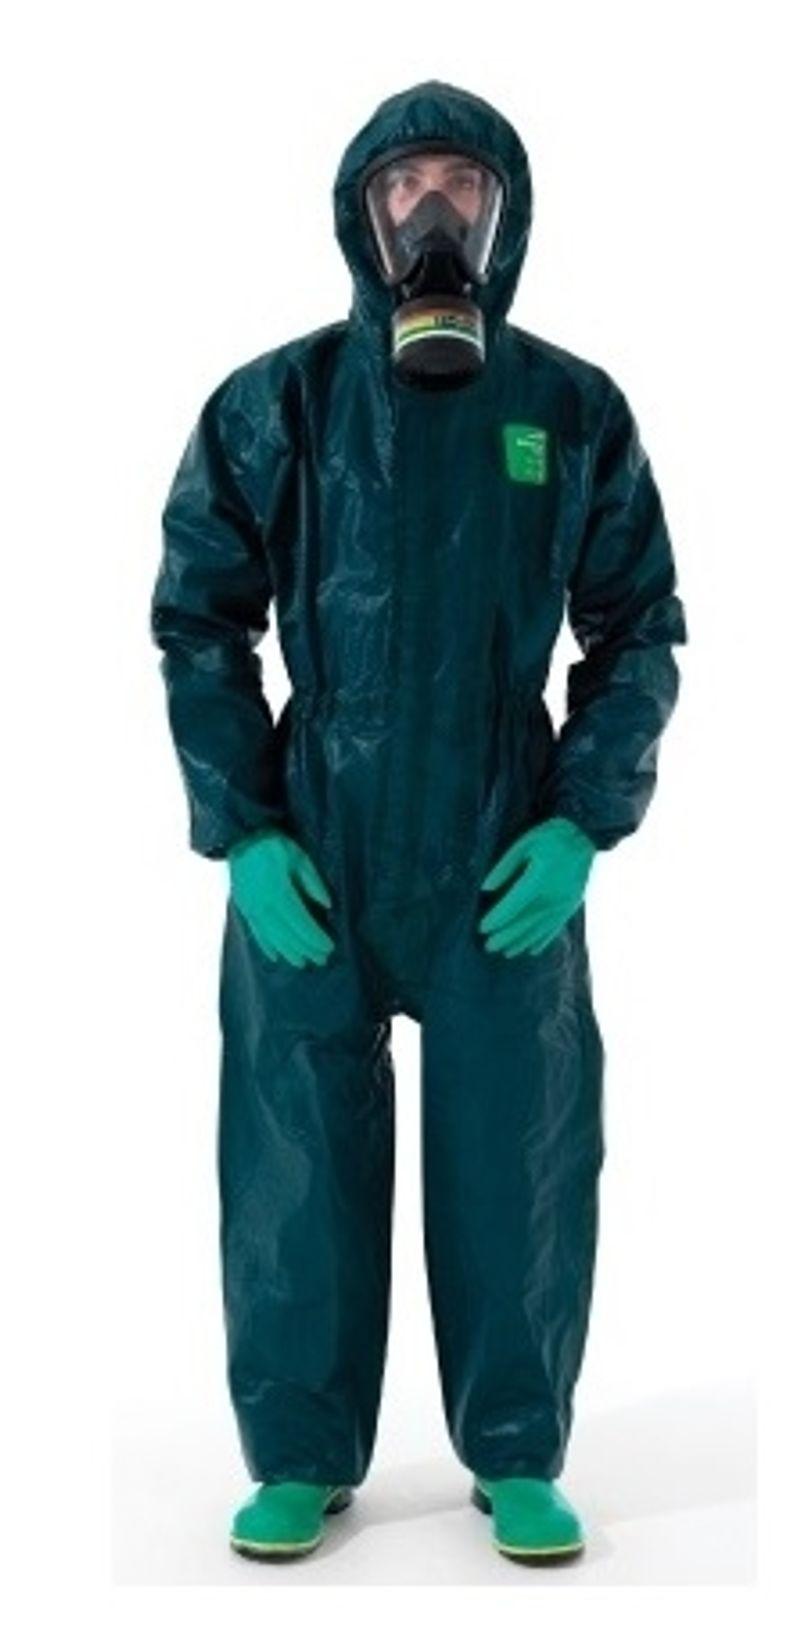 Cung cấp quần áo chống hóa chất MICROCHEM 4000 tại TP HCM giá sỉ, giá bán buôn